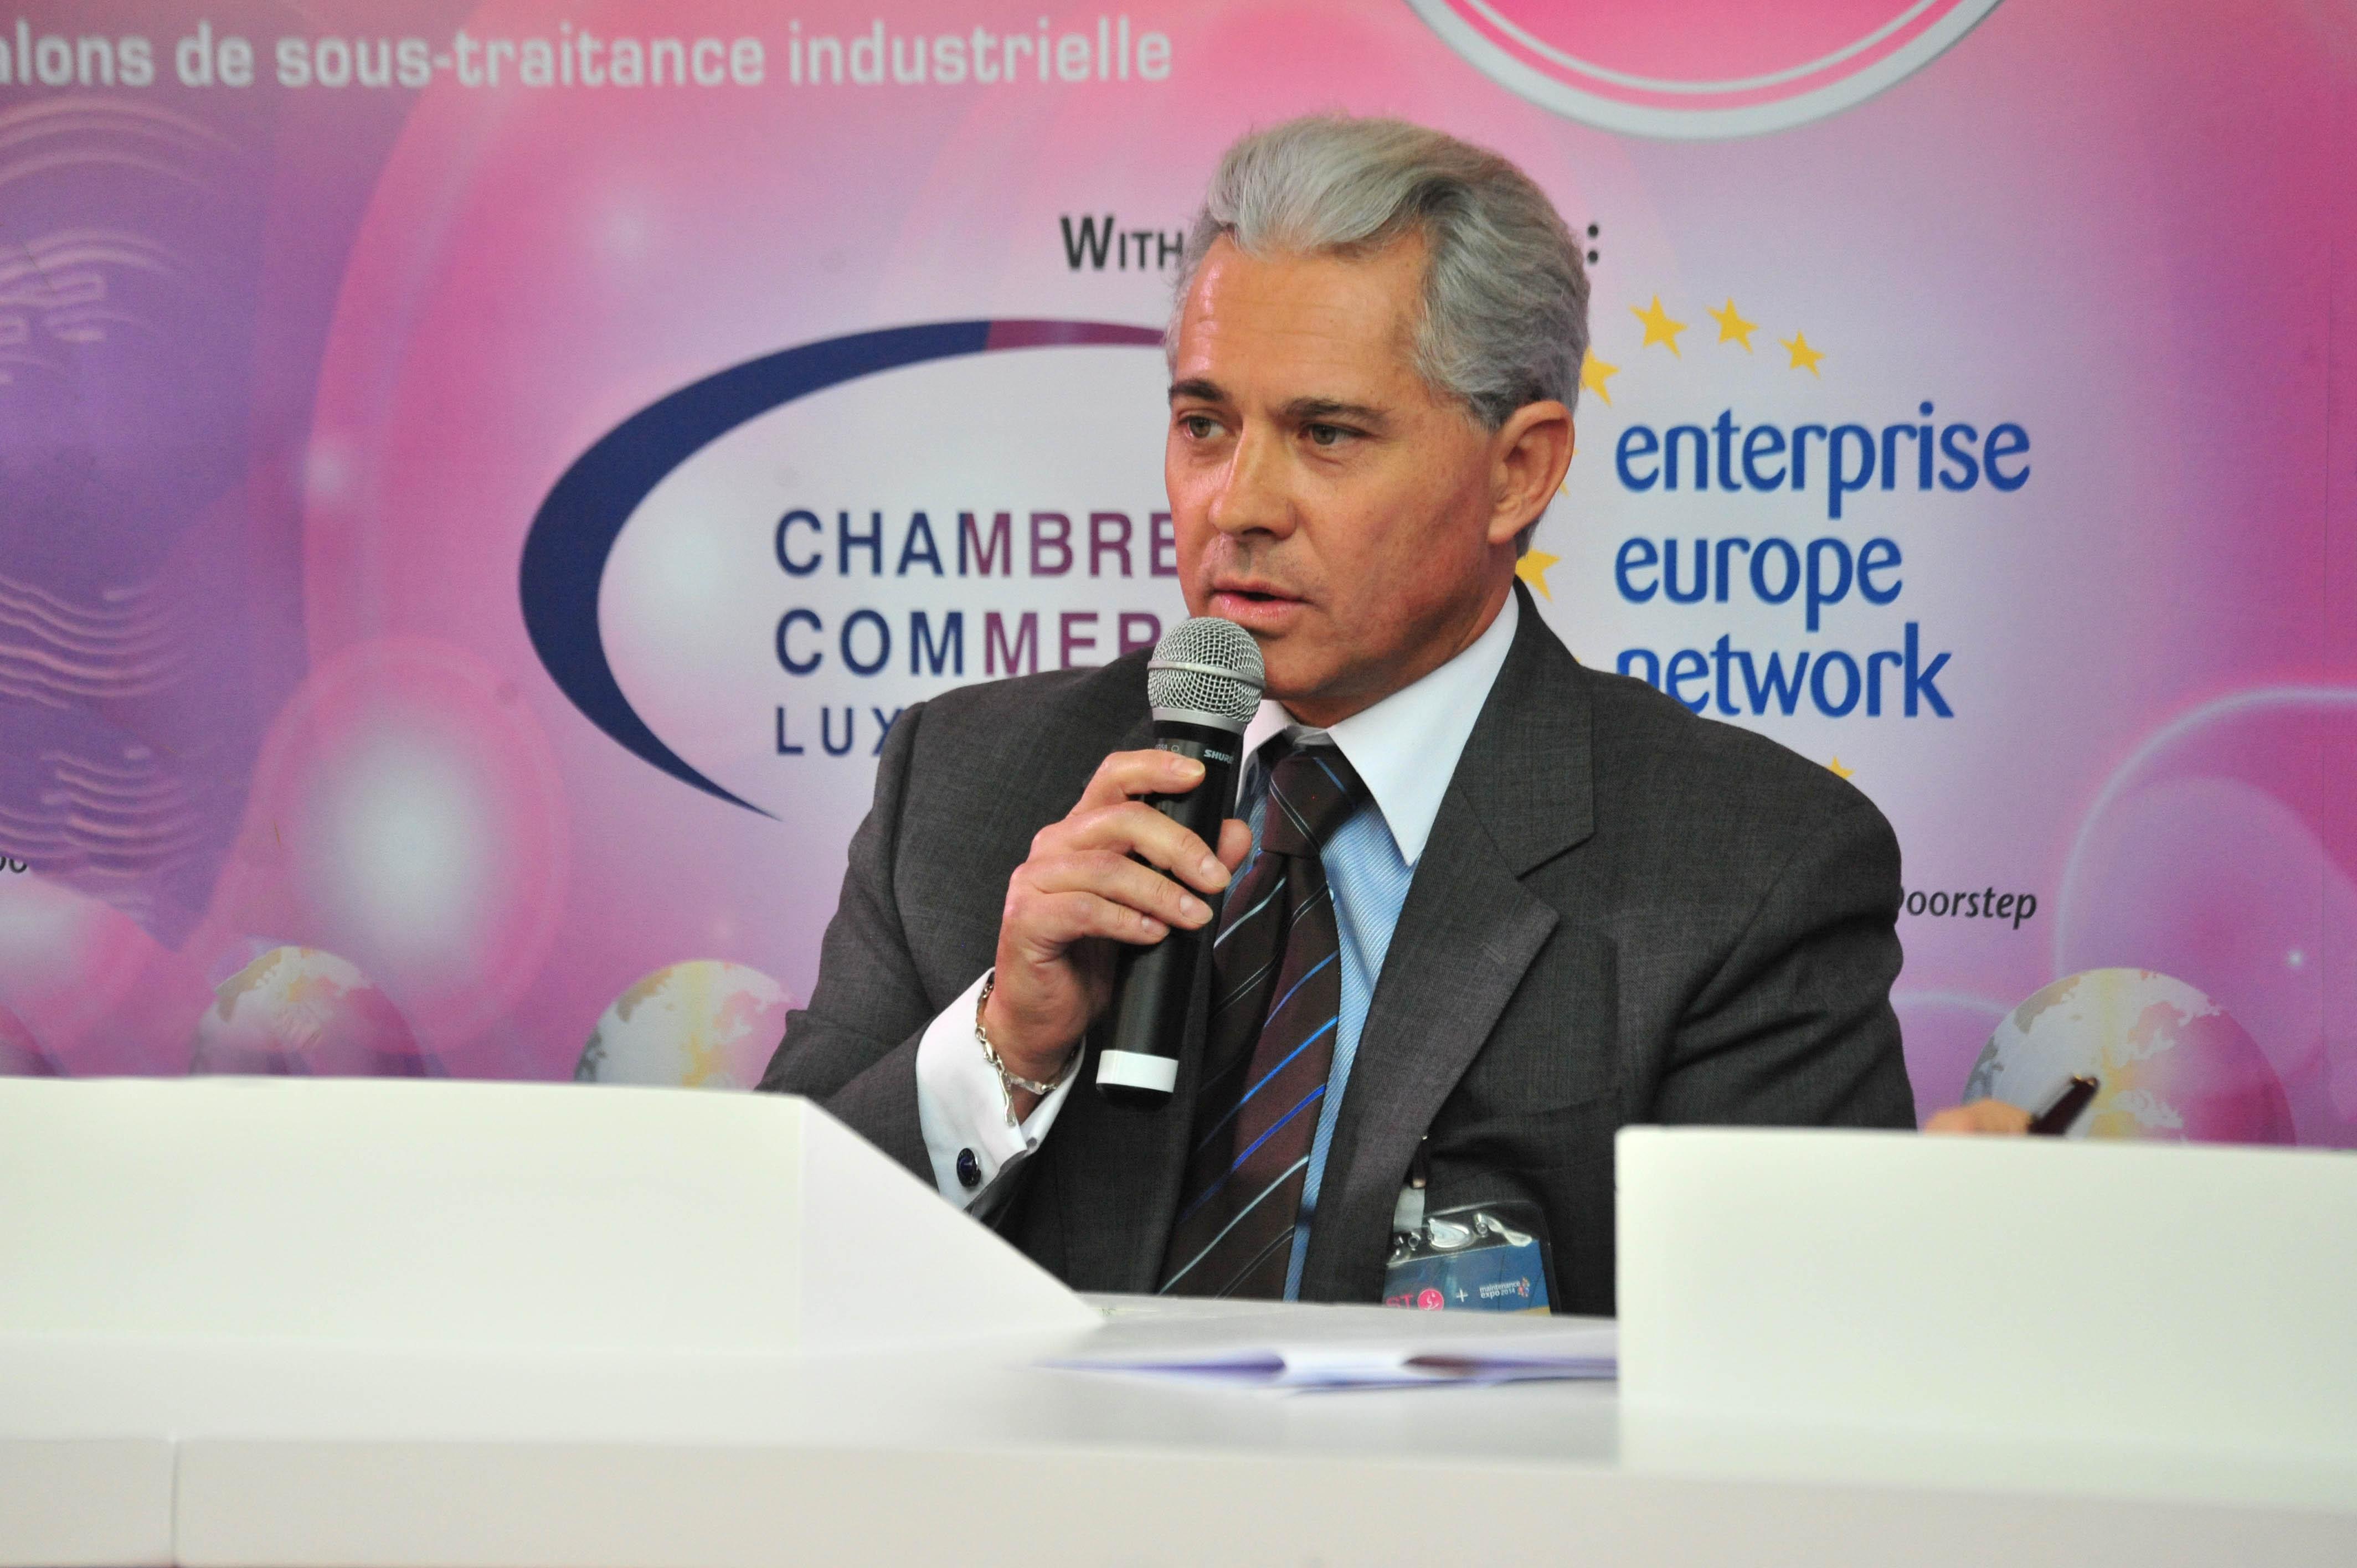 Interview de Jean-Jacques Laurent pour la nomination du bureau d'étude de la société ANDRÉ LAURENT aux Trophées de l'Innovation du MIDEST 2014